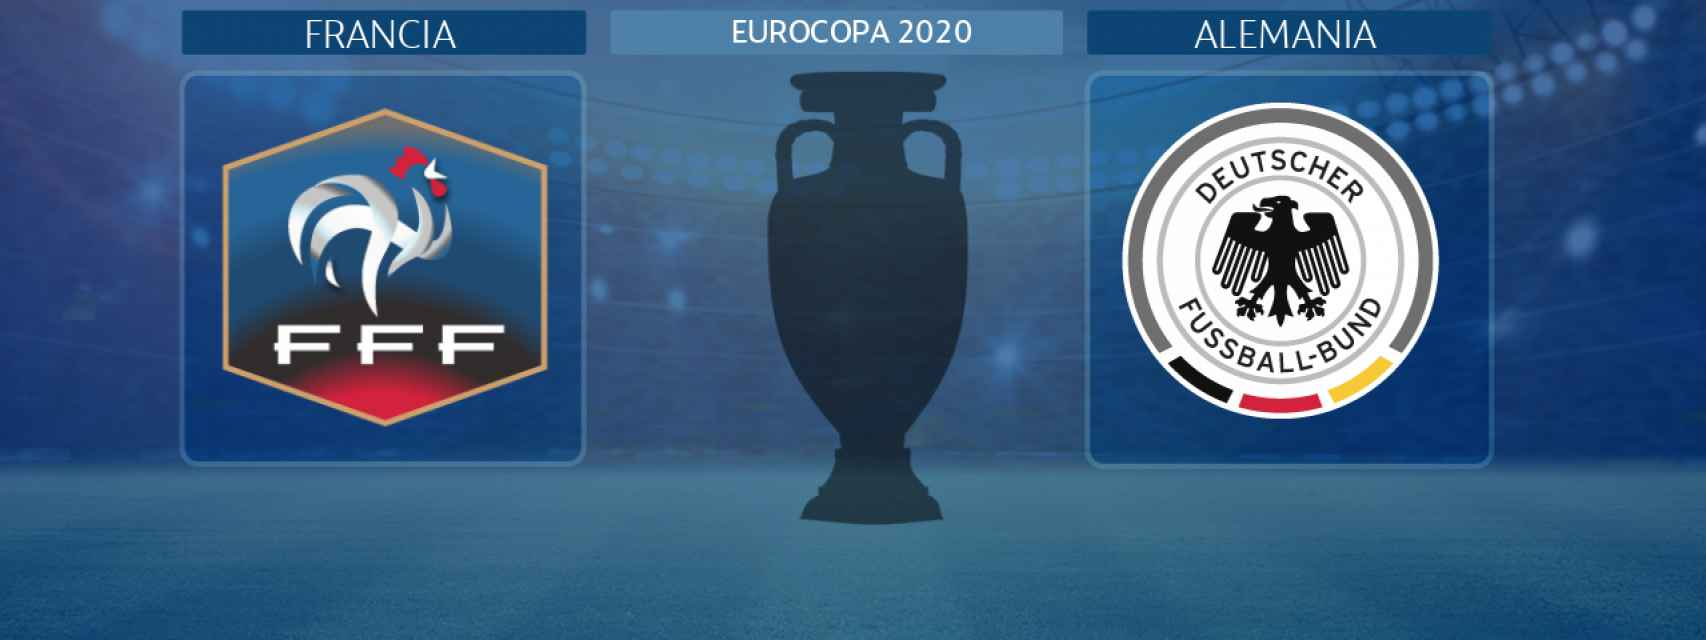 Francia - Alemania, partido de la Eurocopa 2020